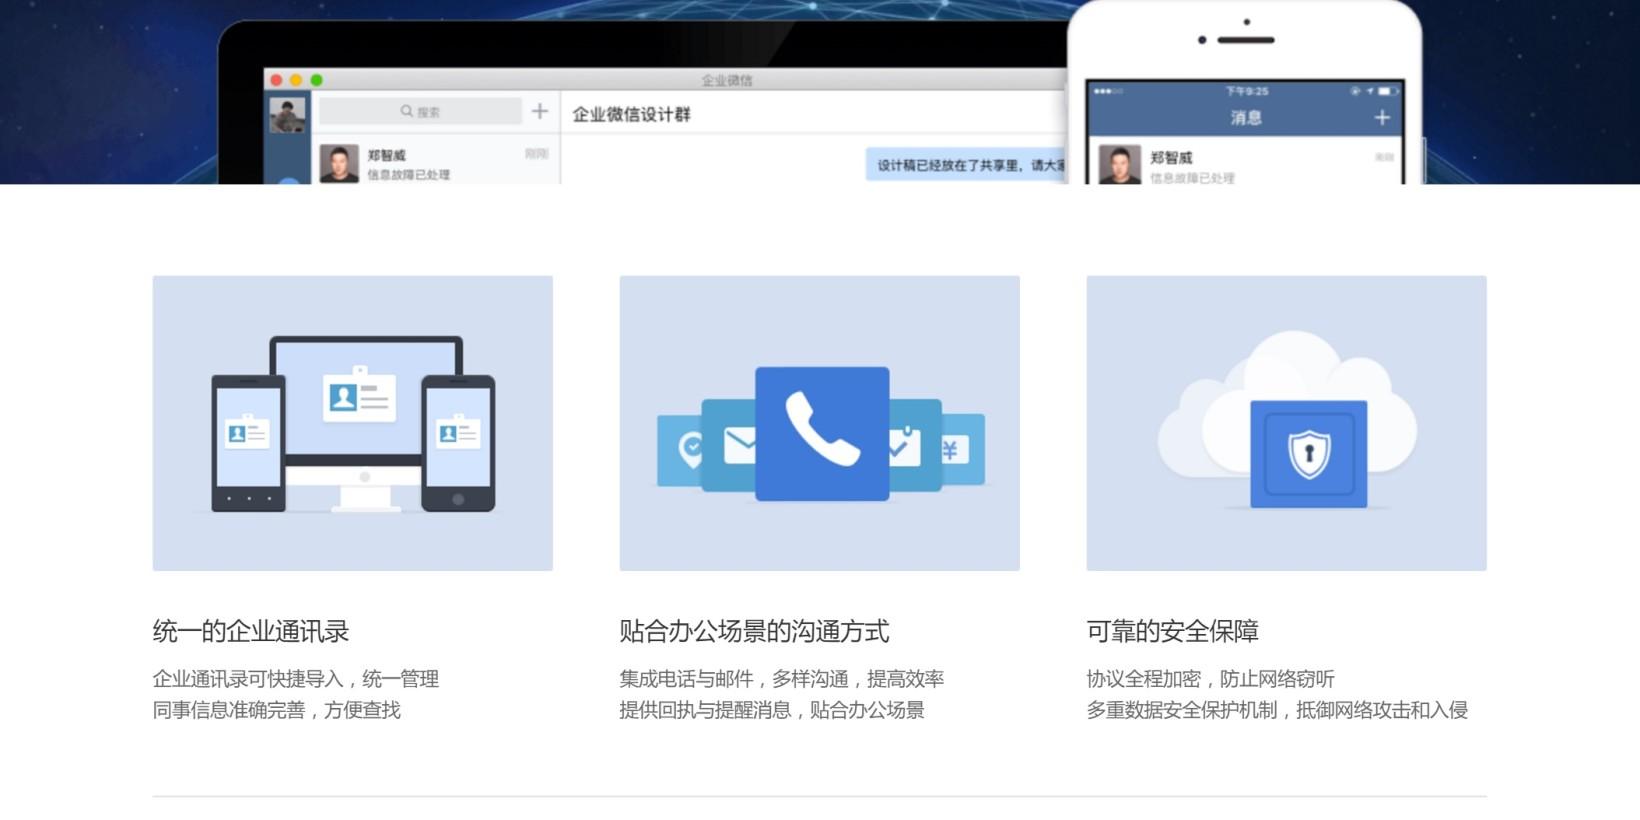 WeChat Enterprise Slack